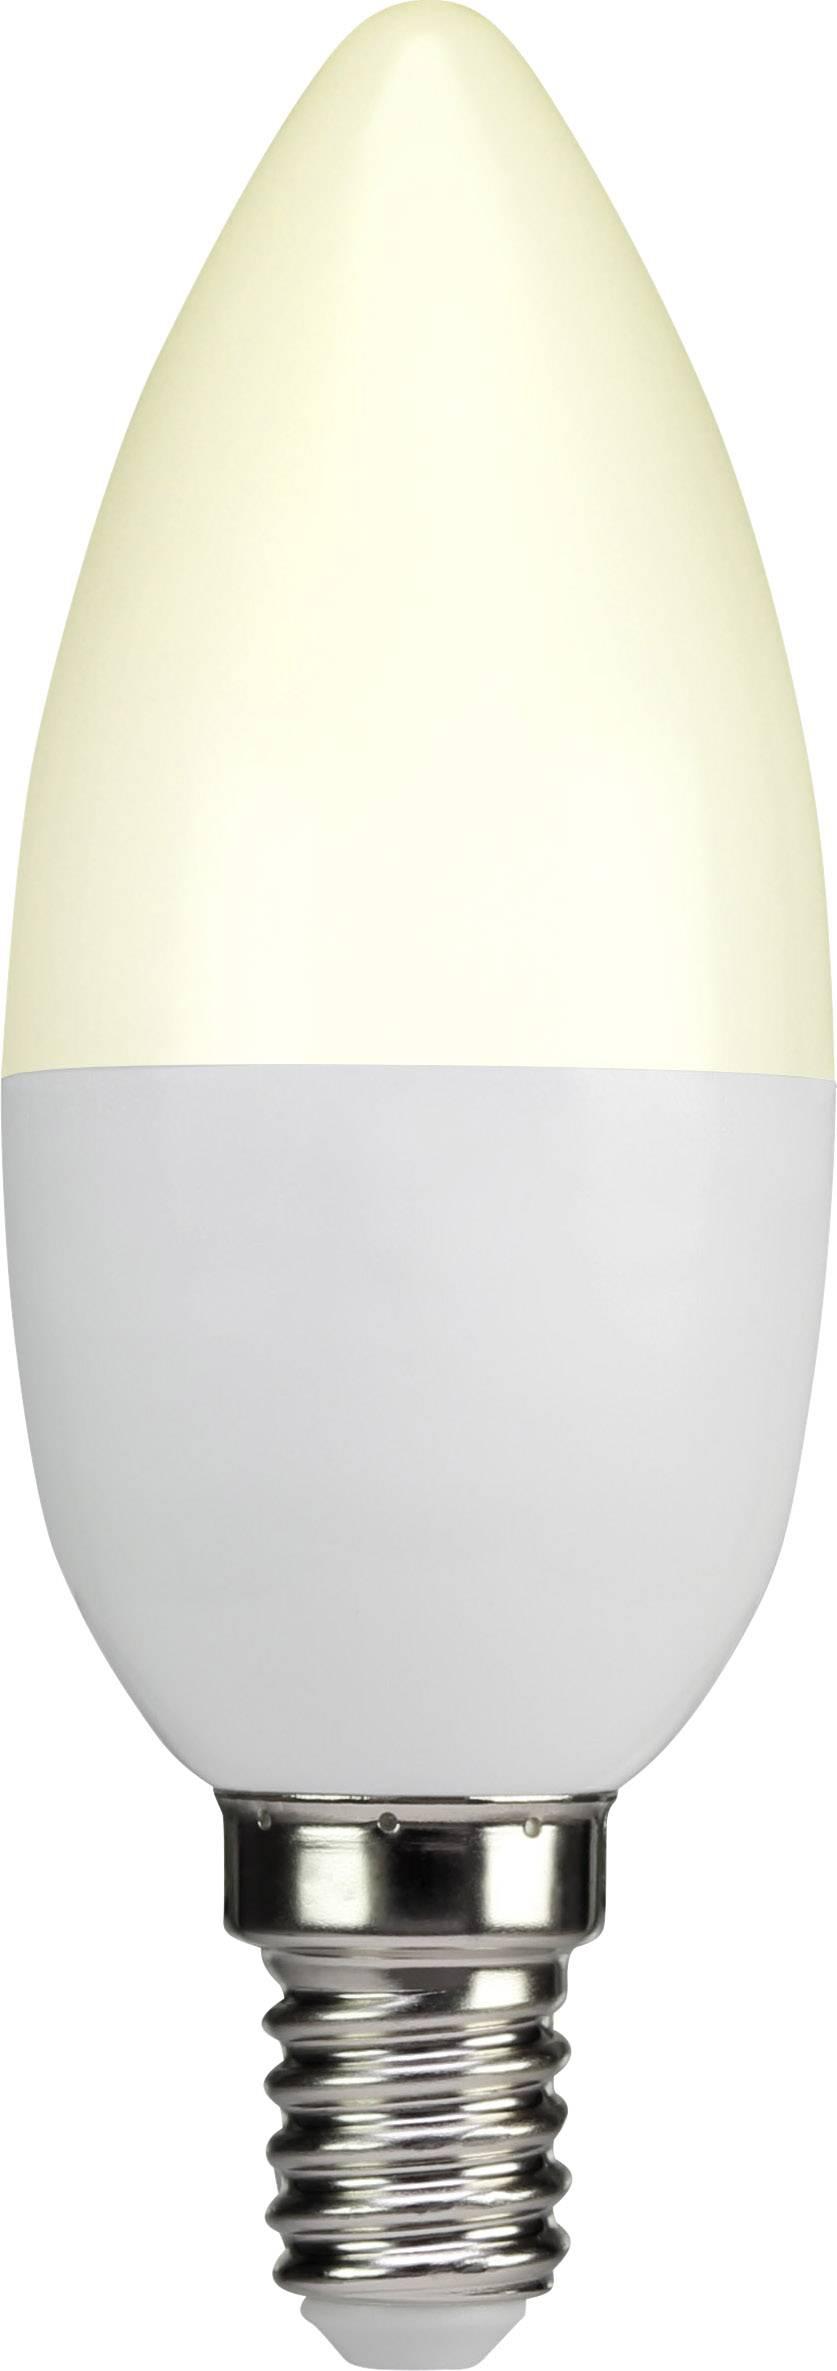 LED žiarovka Sygonix CADB12WS/RA80 230 V, 3.3 W = 25 W, teplá biela, A+, 1 ks